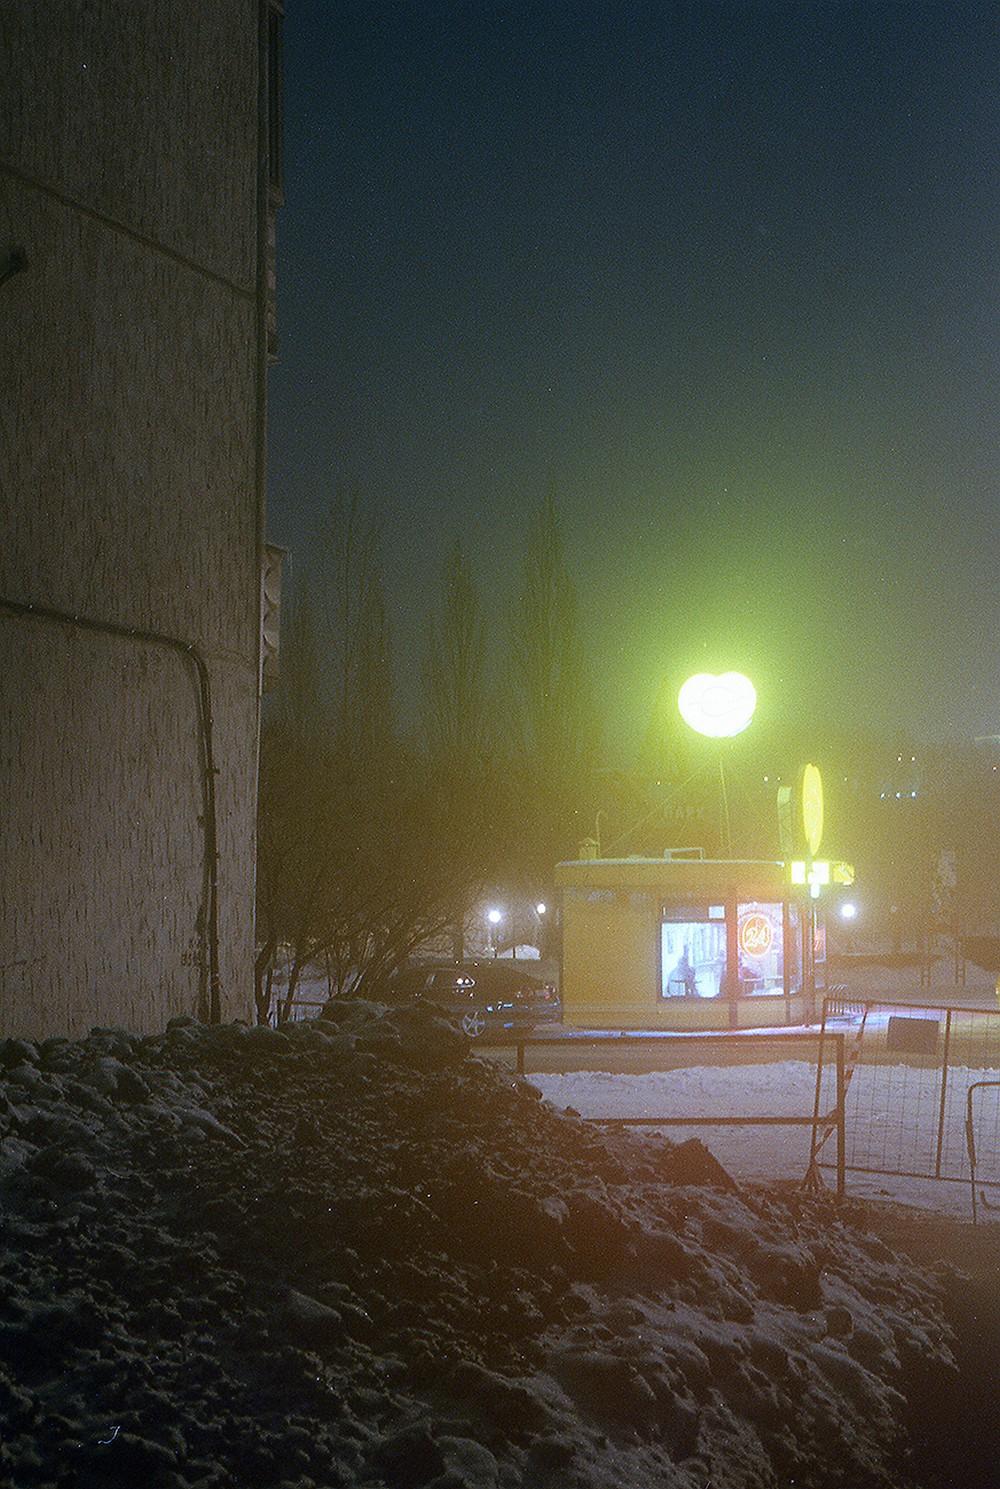 Фотопроект Влада Третьяка «Небольшой город в Сибири»